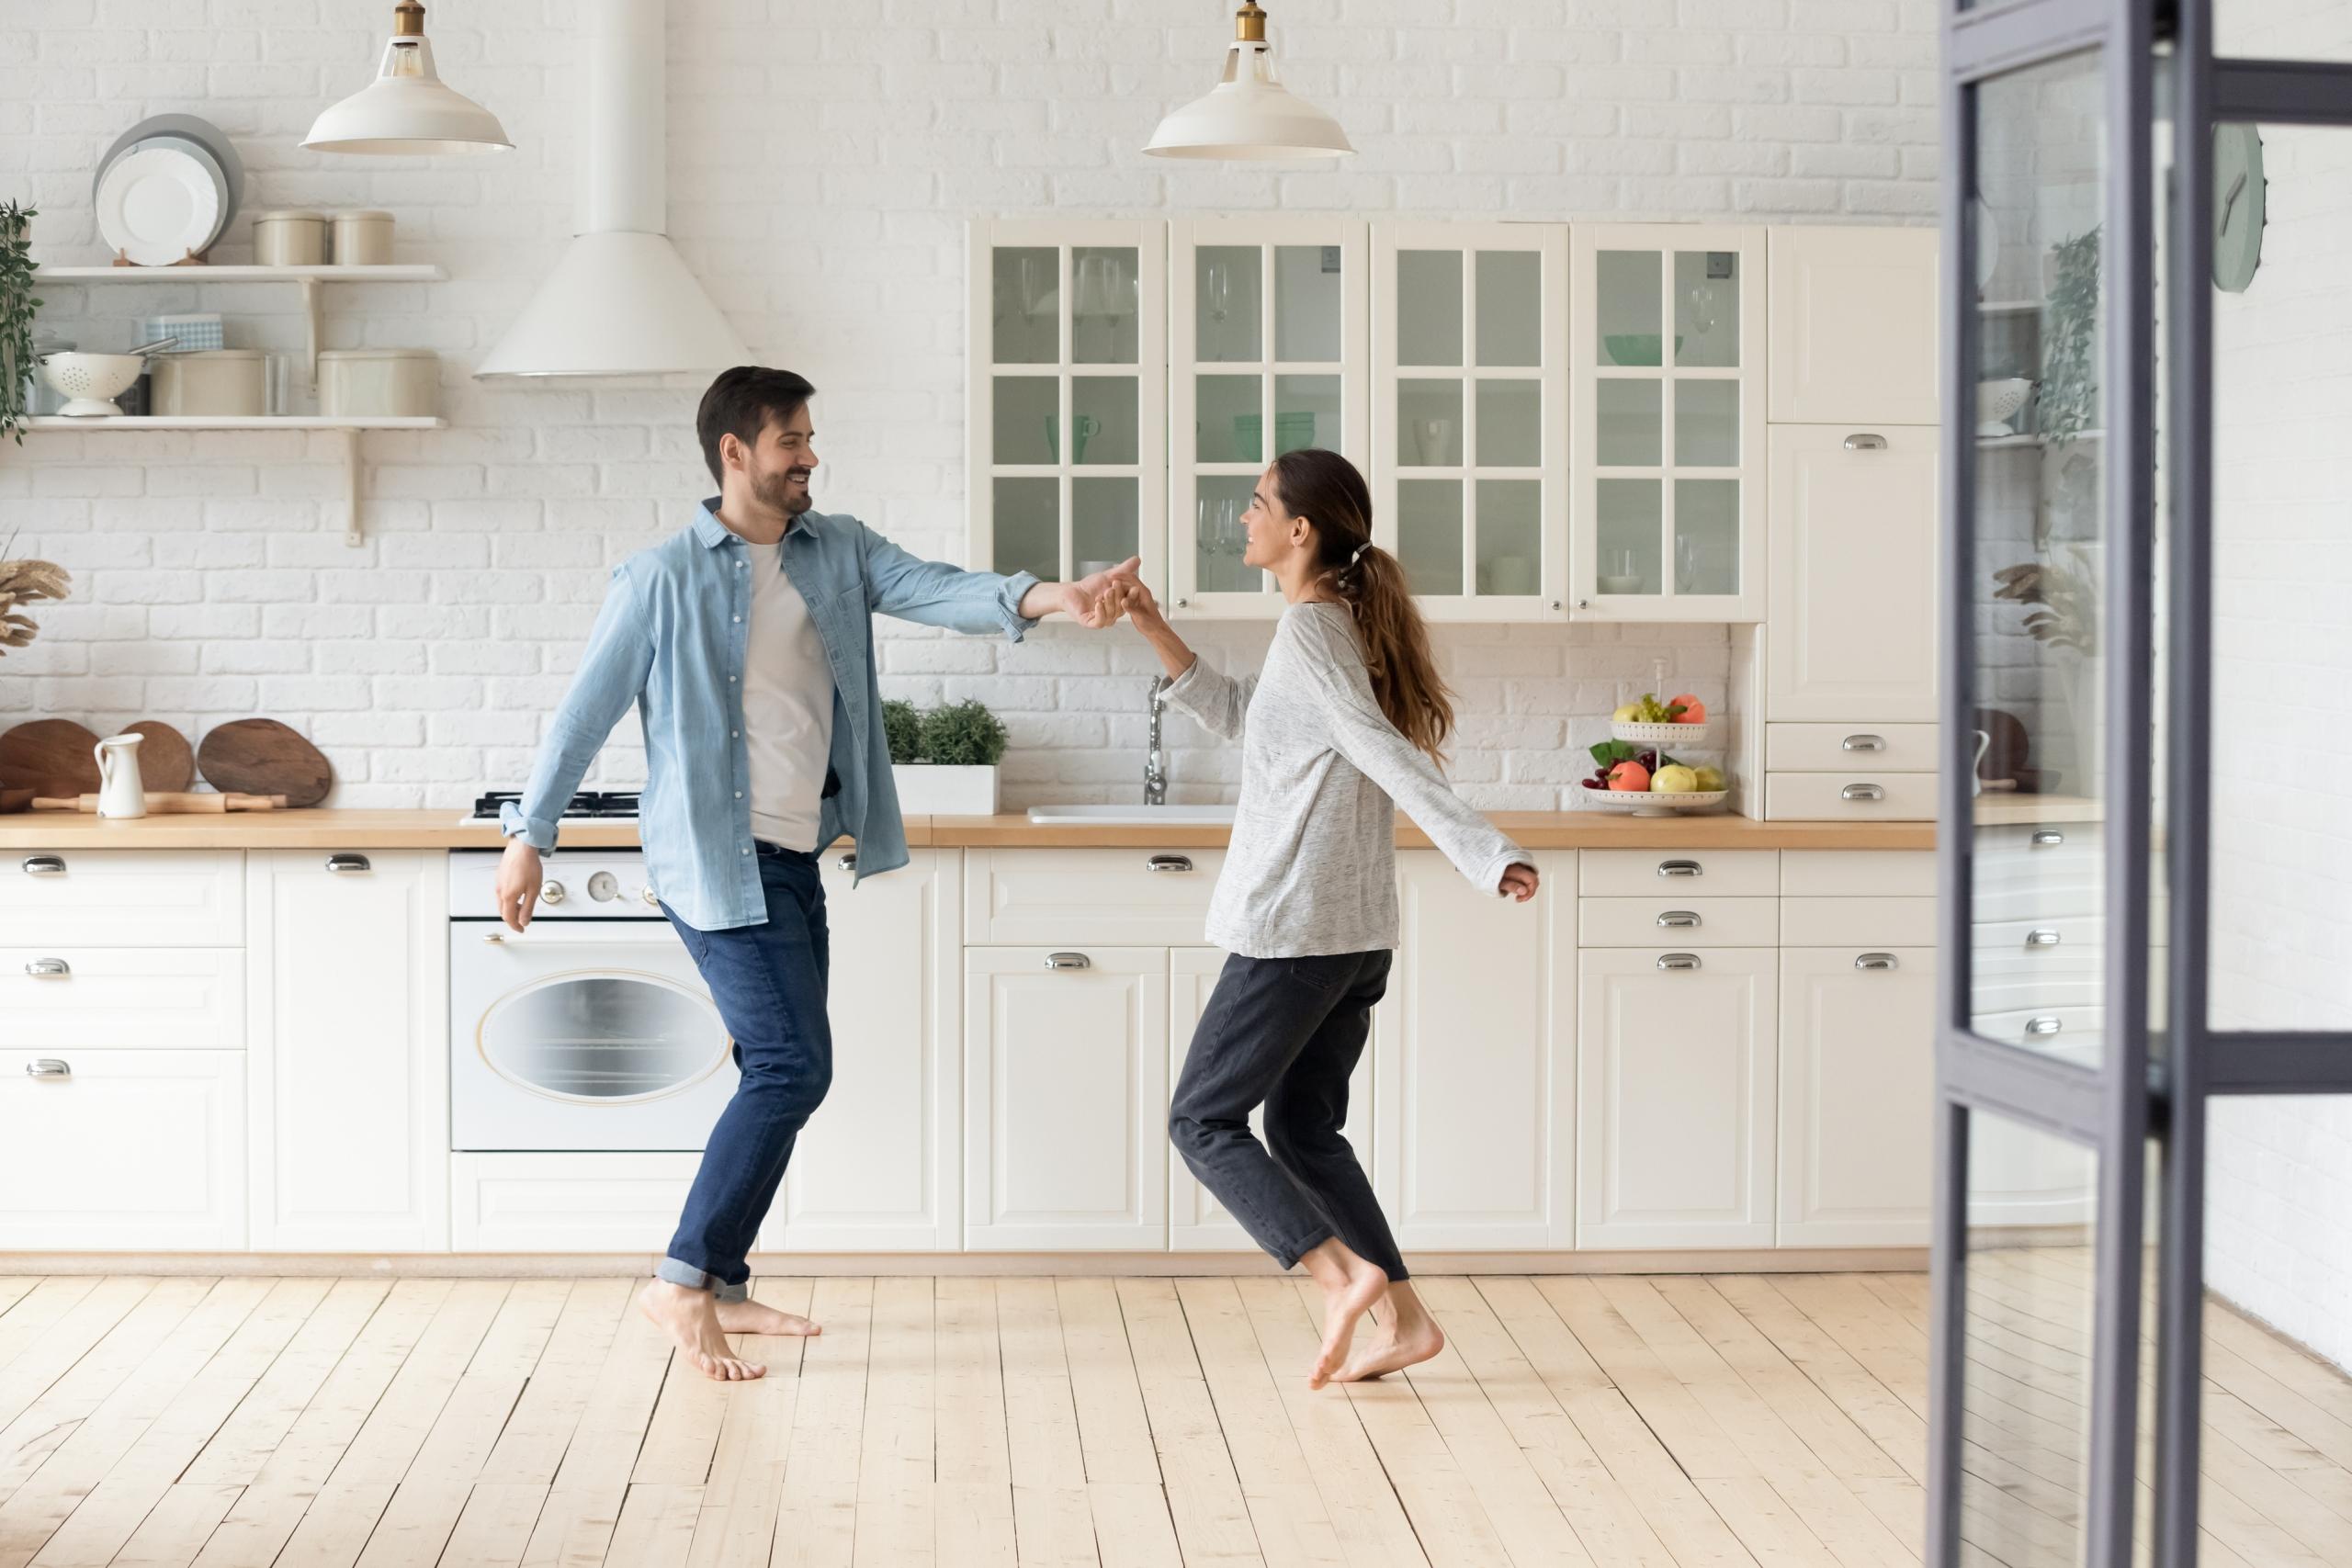 plán novej kuchyne